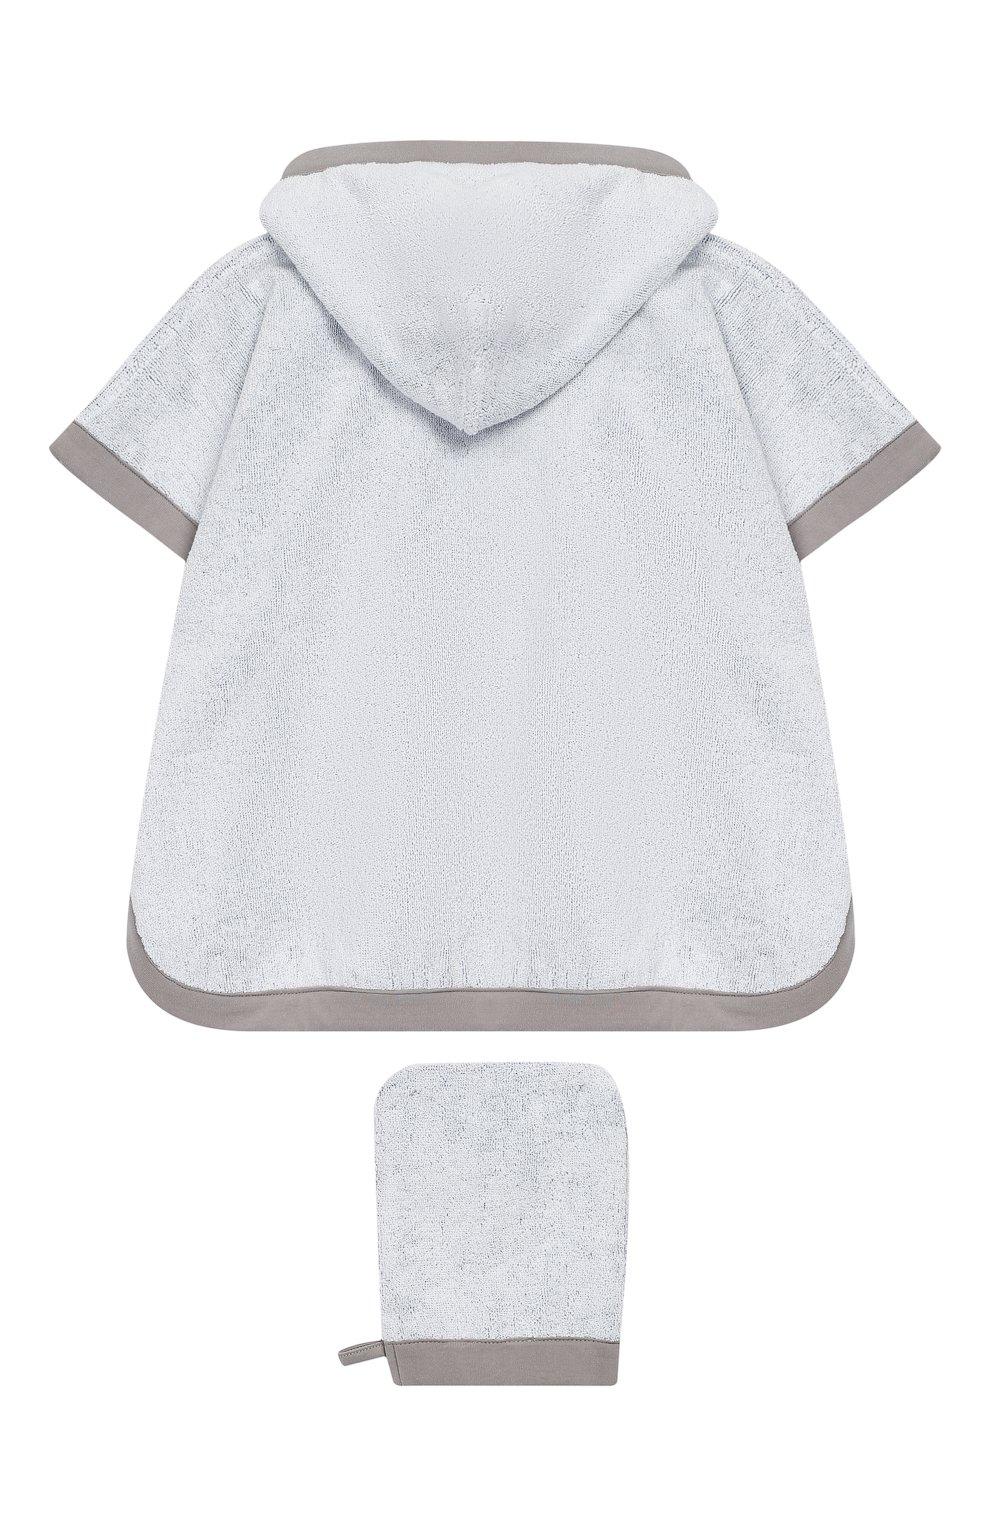 Детского комплект из хлопкового халата и рукавицы EMPORIO ARMANI серого цвета, арт. 407123/8A710   Фото 2